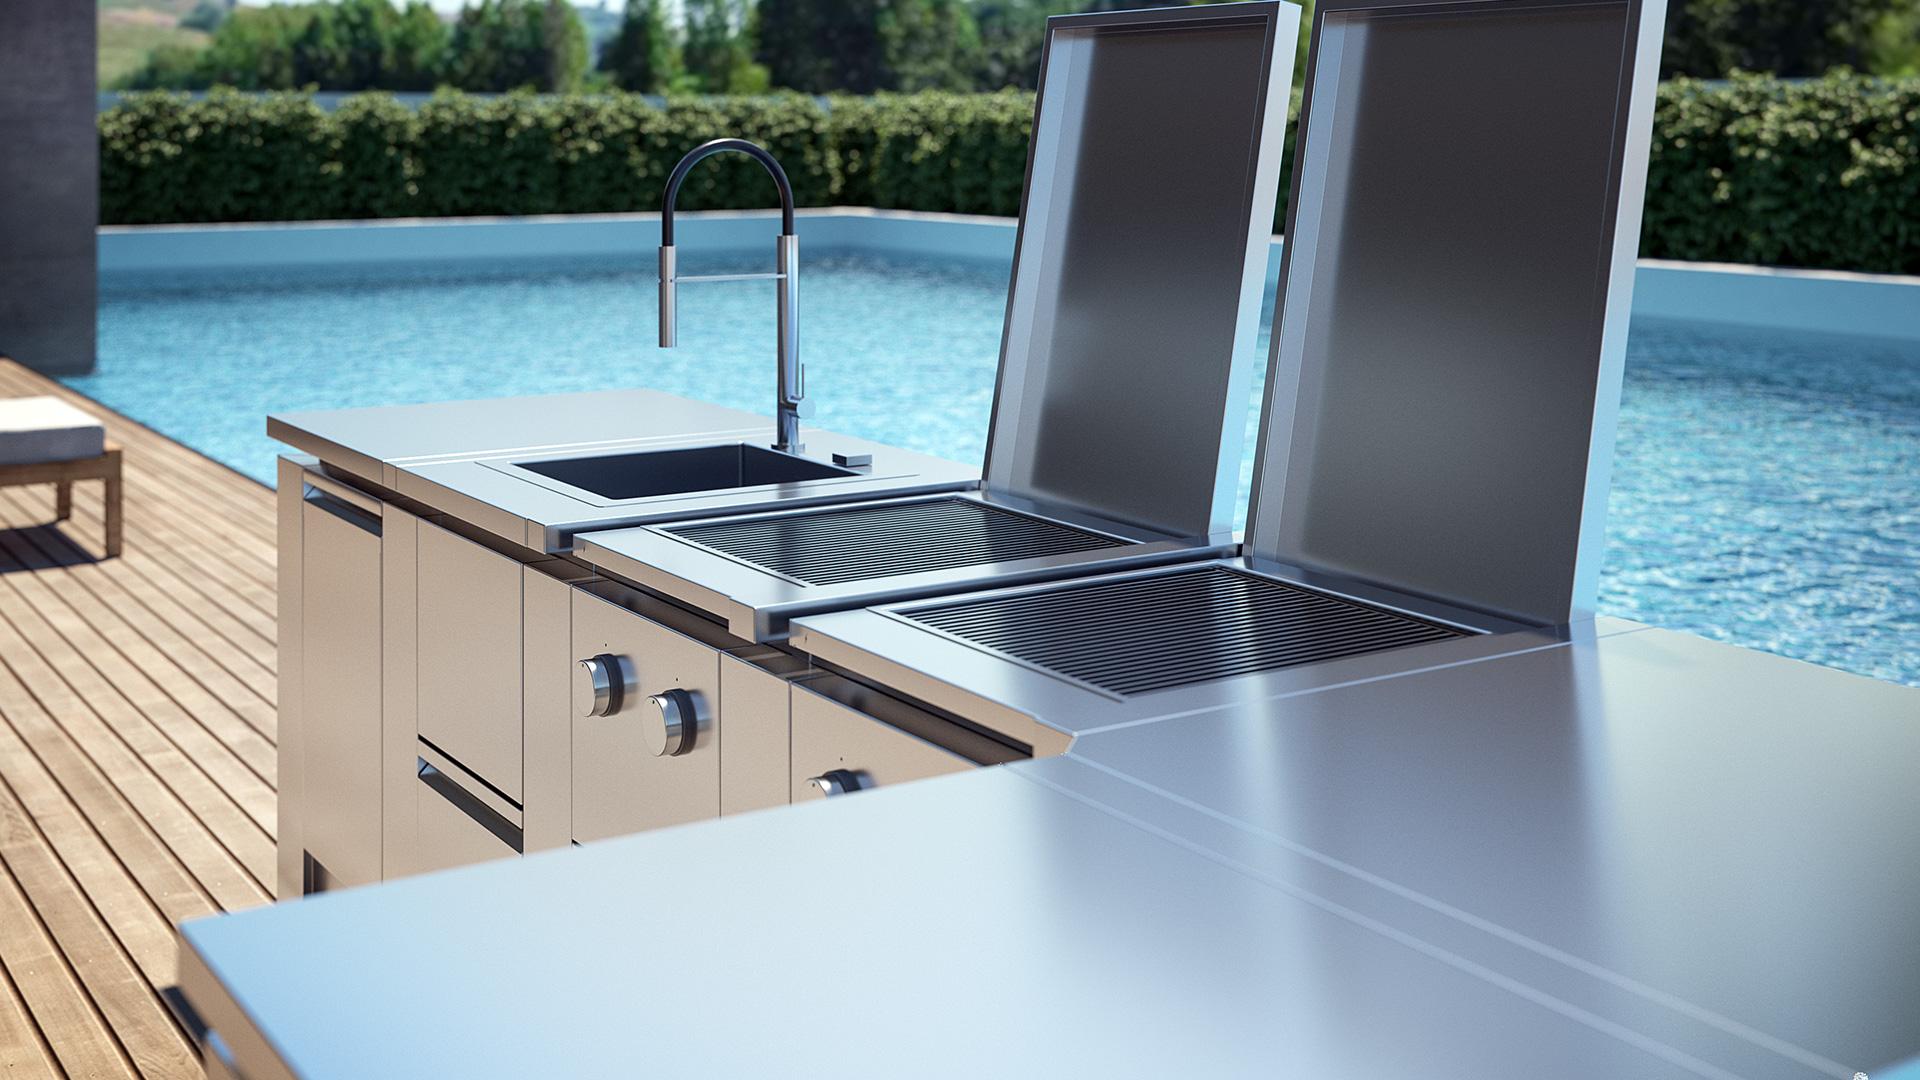 Cucine da esterno cucine da giardino e terrazzo rok for Cucine da esterno prefabbricate